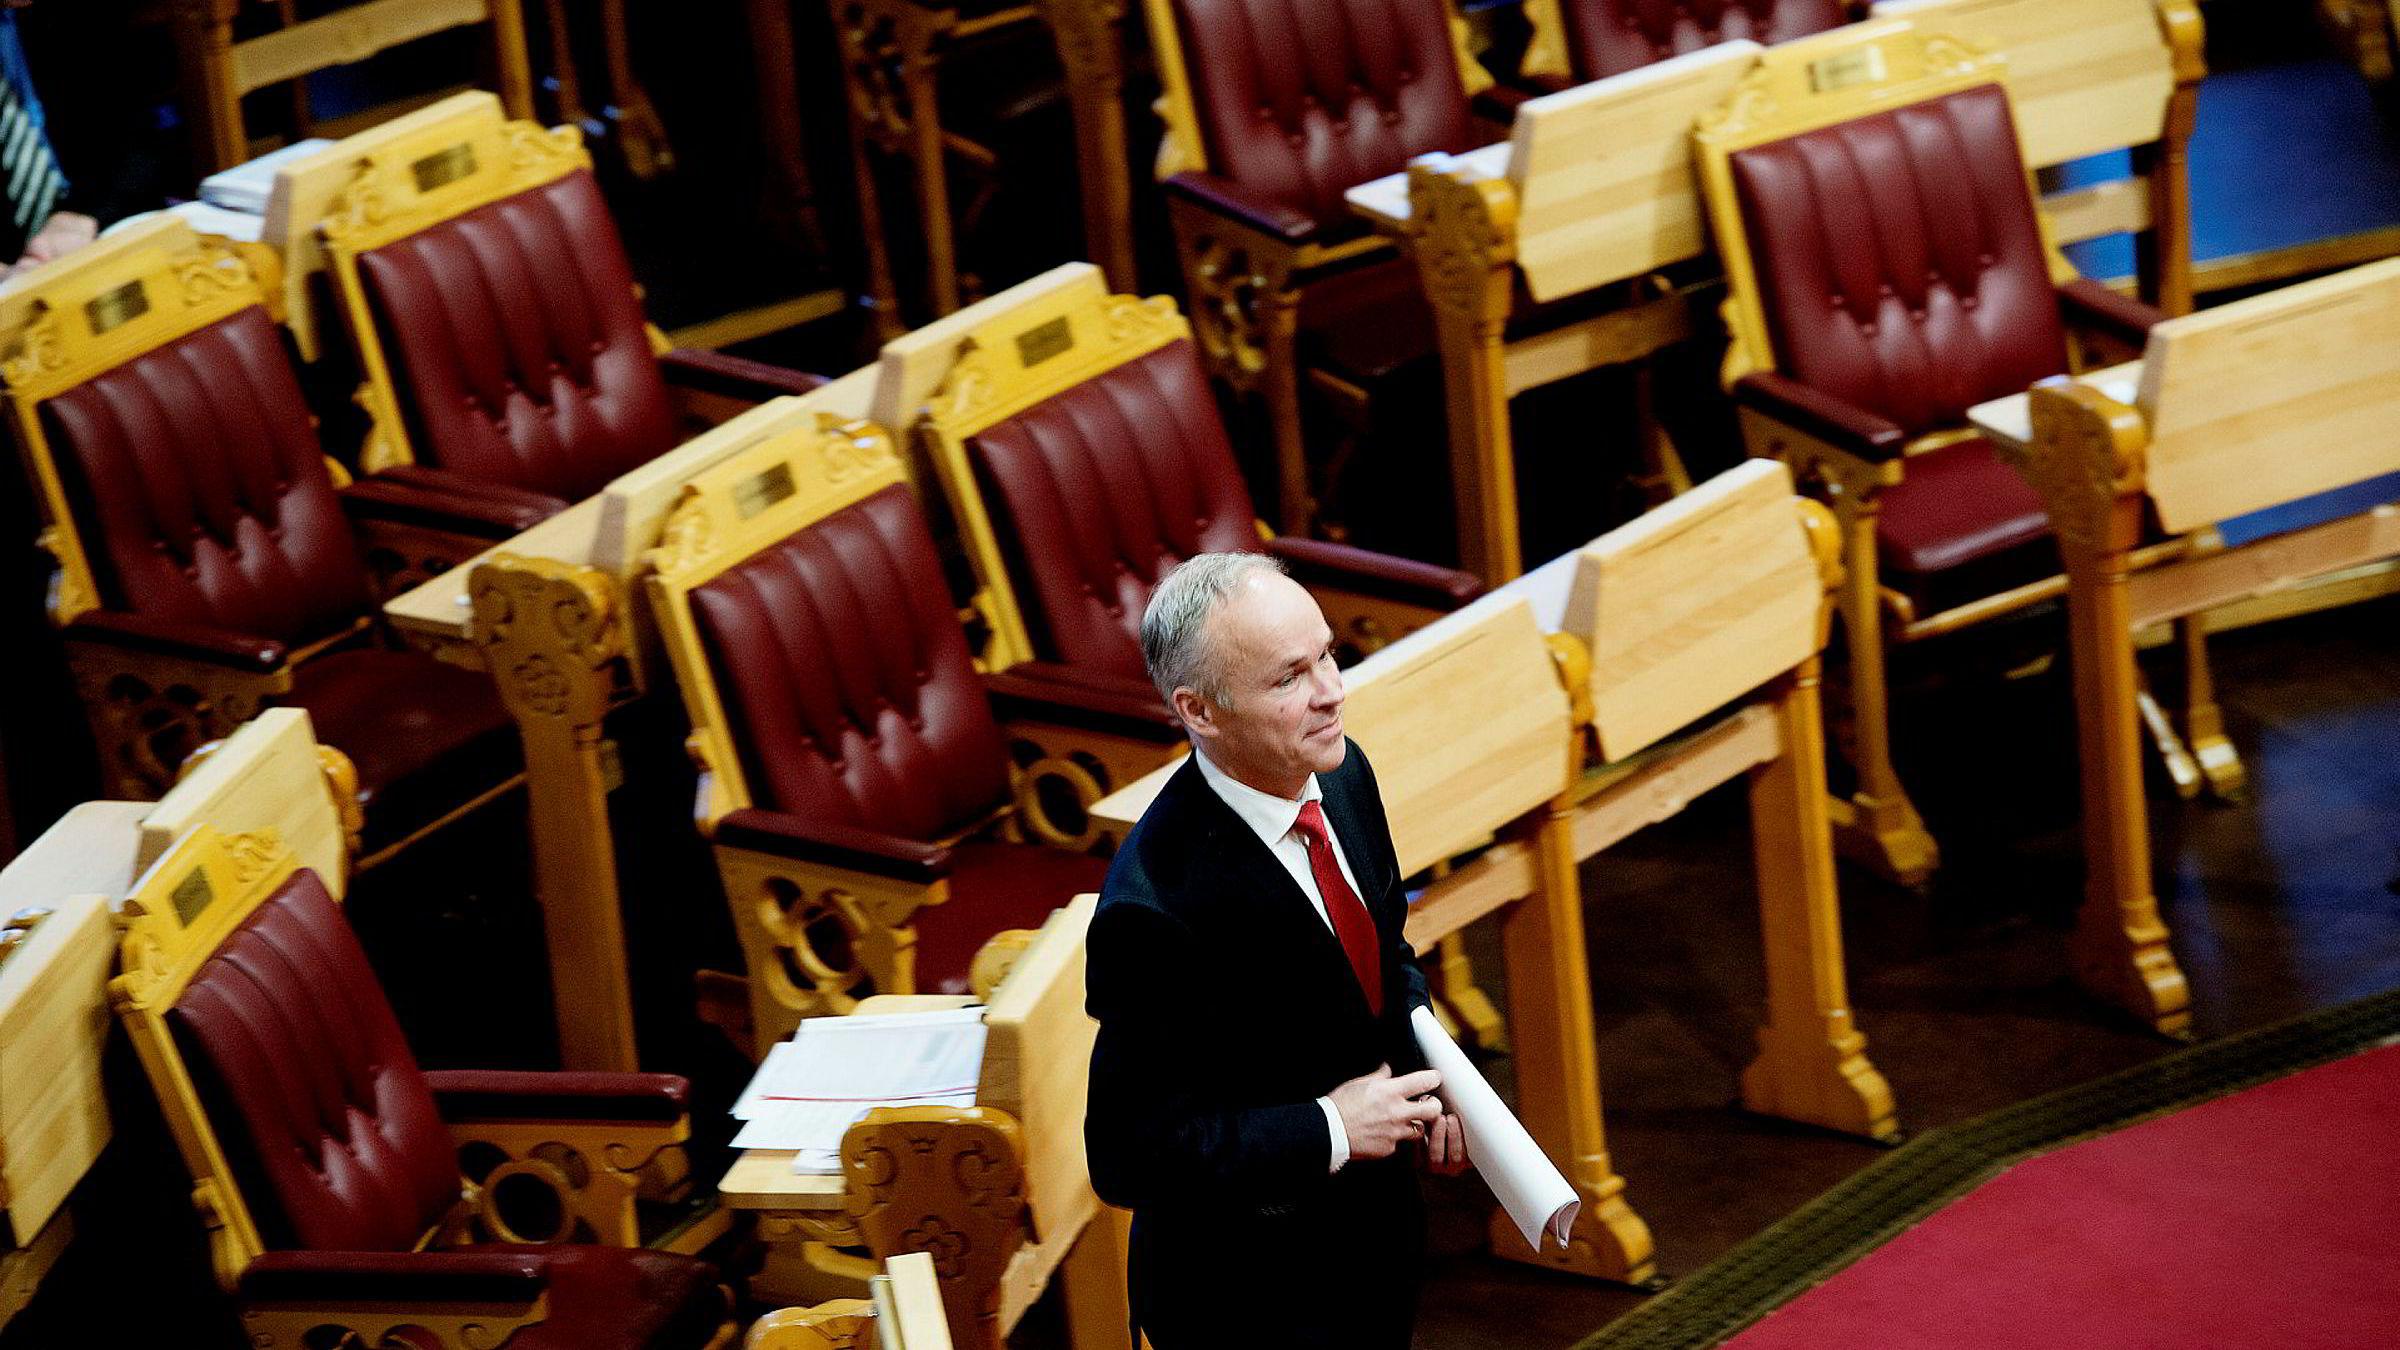 Kommunal- og moderniseringsminister Jan Tore Sannerskal etablere 630 statlige arbeidsplasser utenfor Oslo og vurderer å flytte ytterlige 1200. Antall statsansatte har økt med 4000 i Oslo de siste fire årene.